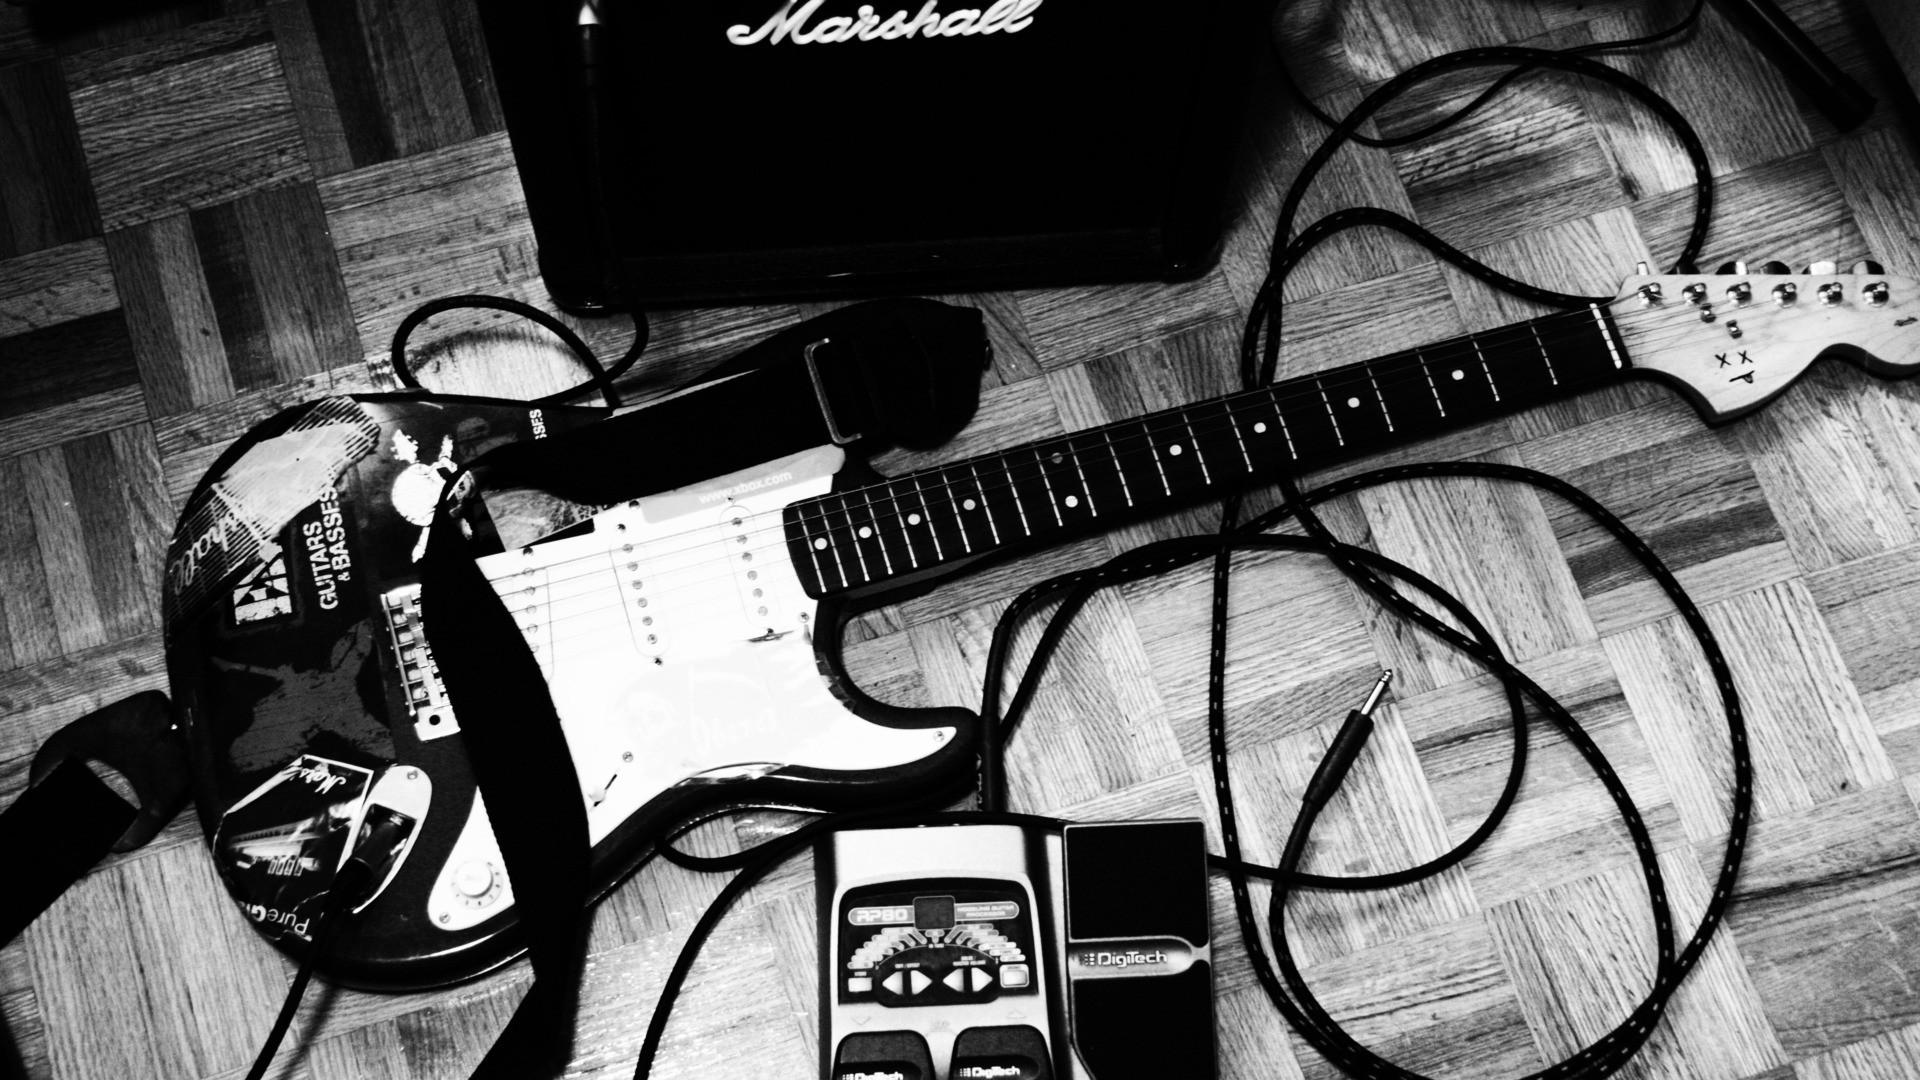 entertainment music guitars black white amp strings tech wallpaper